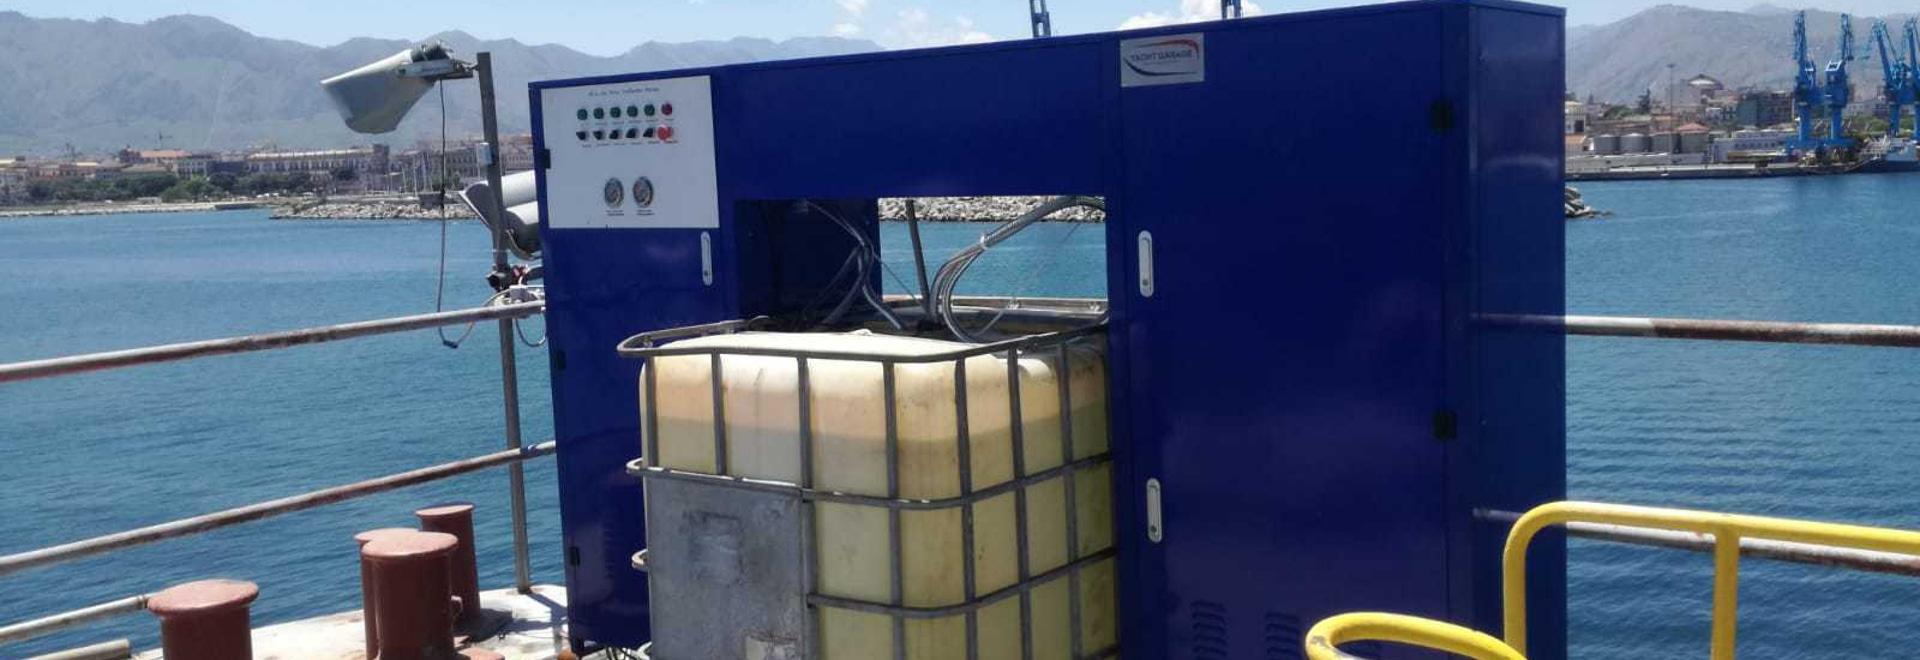 Station de traitement d'eau du chantier naval